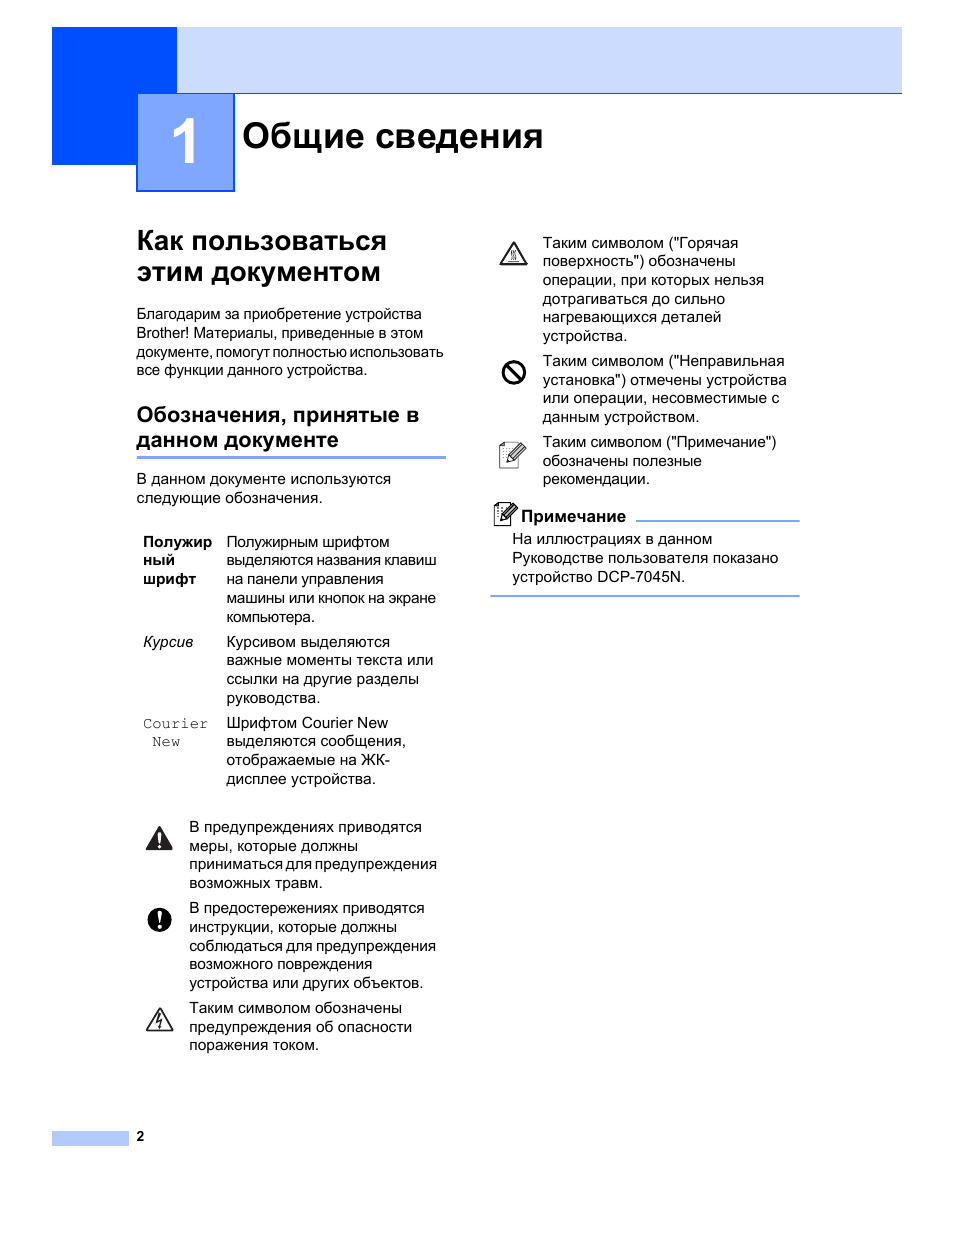 1 общие сведения, Как пользоваться этим документом, Обозначения, принятые в данном документе